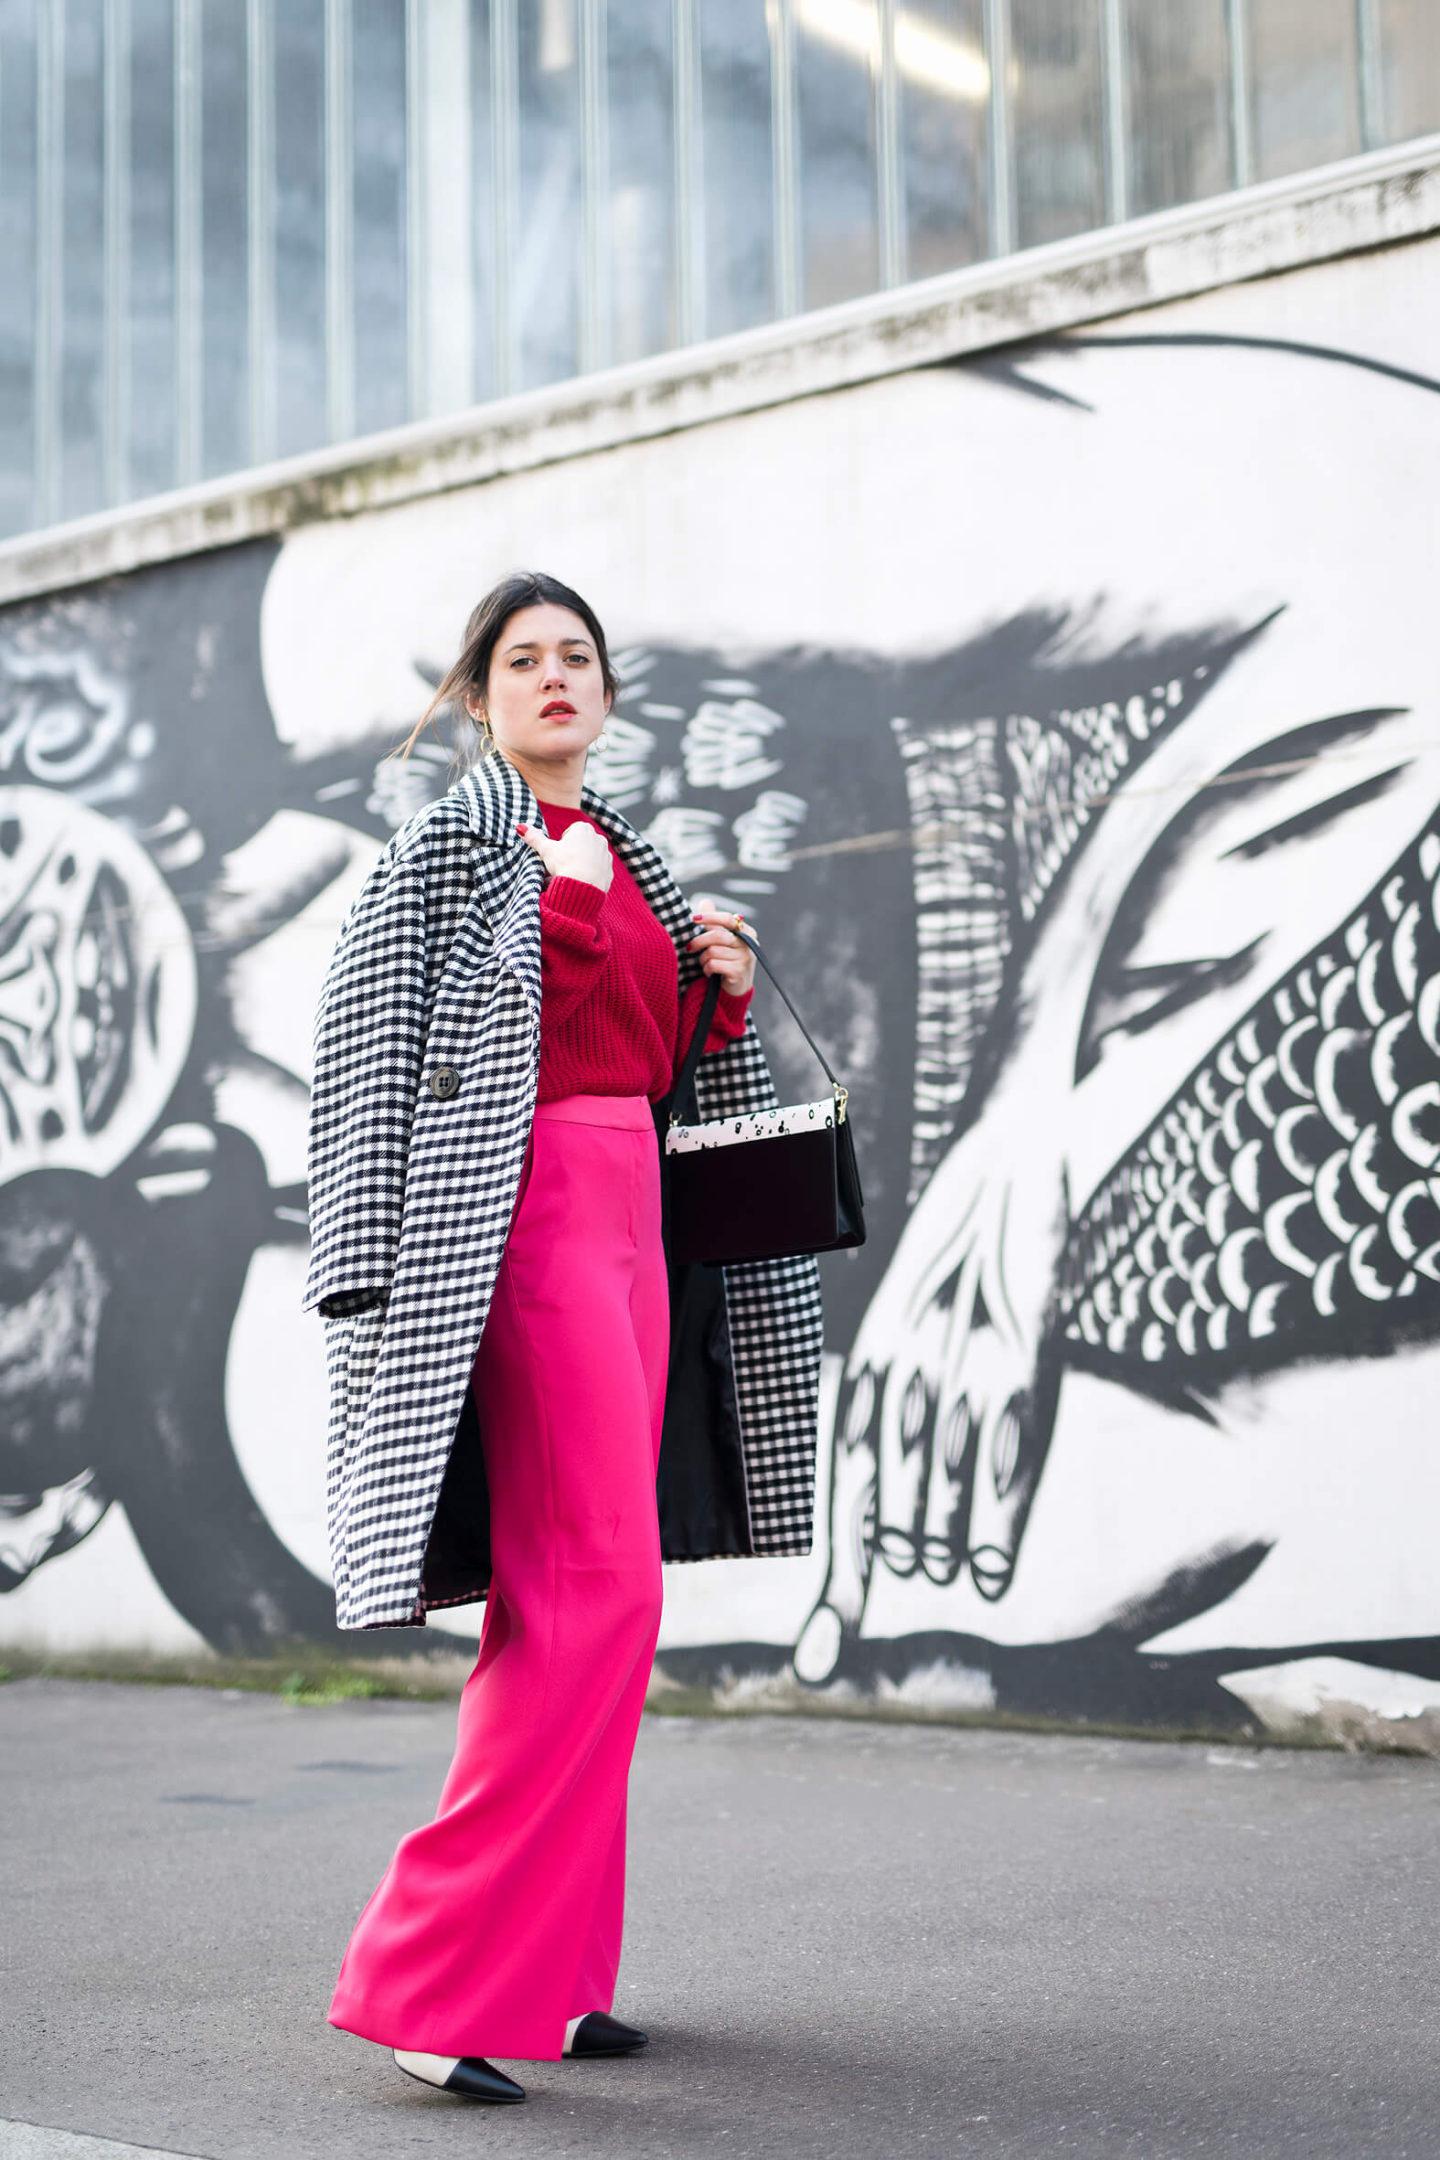 Pantalon taille haute rose Boden Manteau Vichy L'atelier d'al Blog lifestyle mode Paris